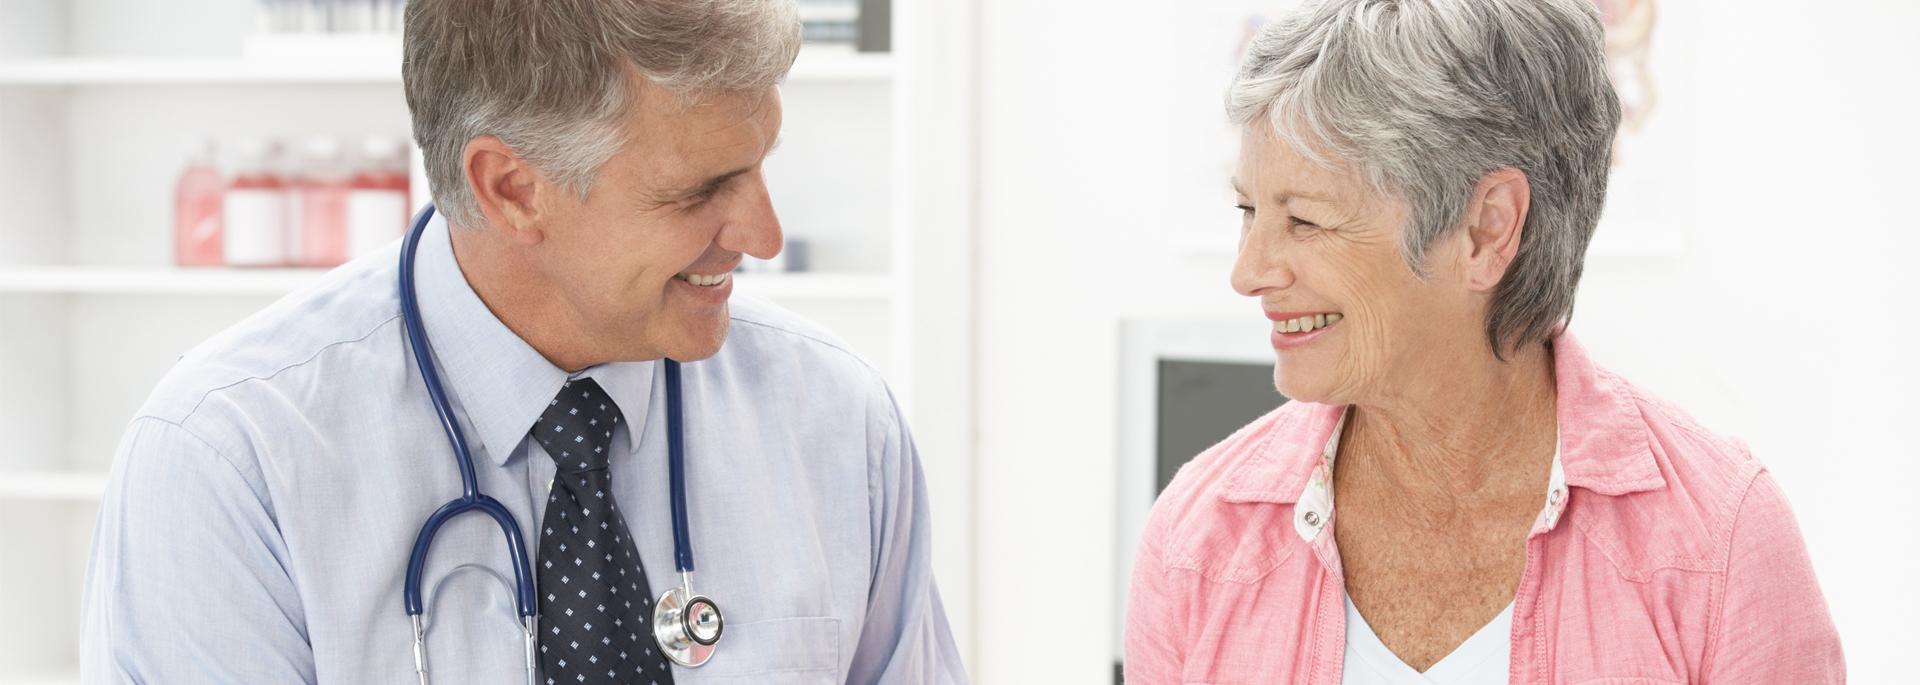 rozmowa z pacjentem